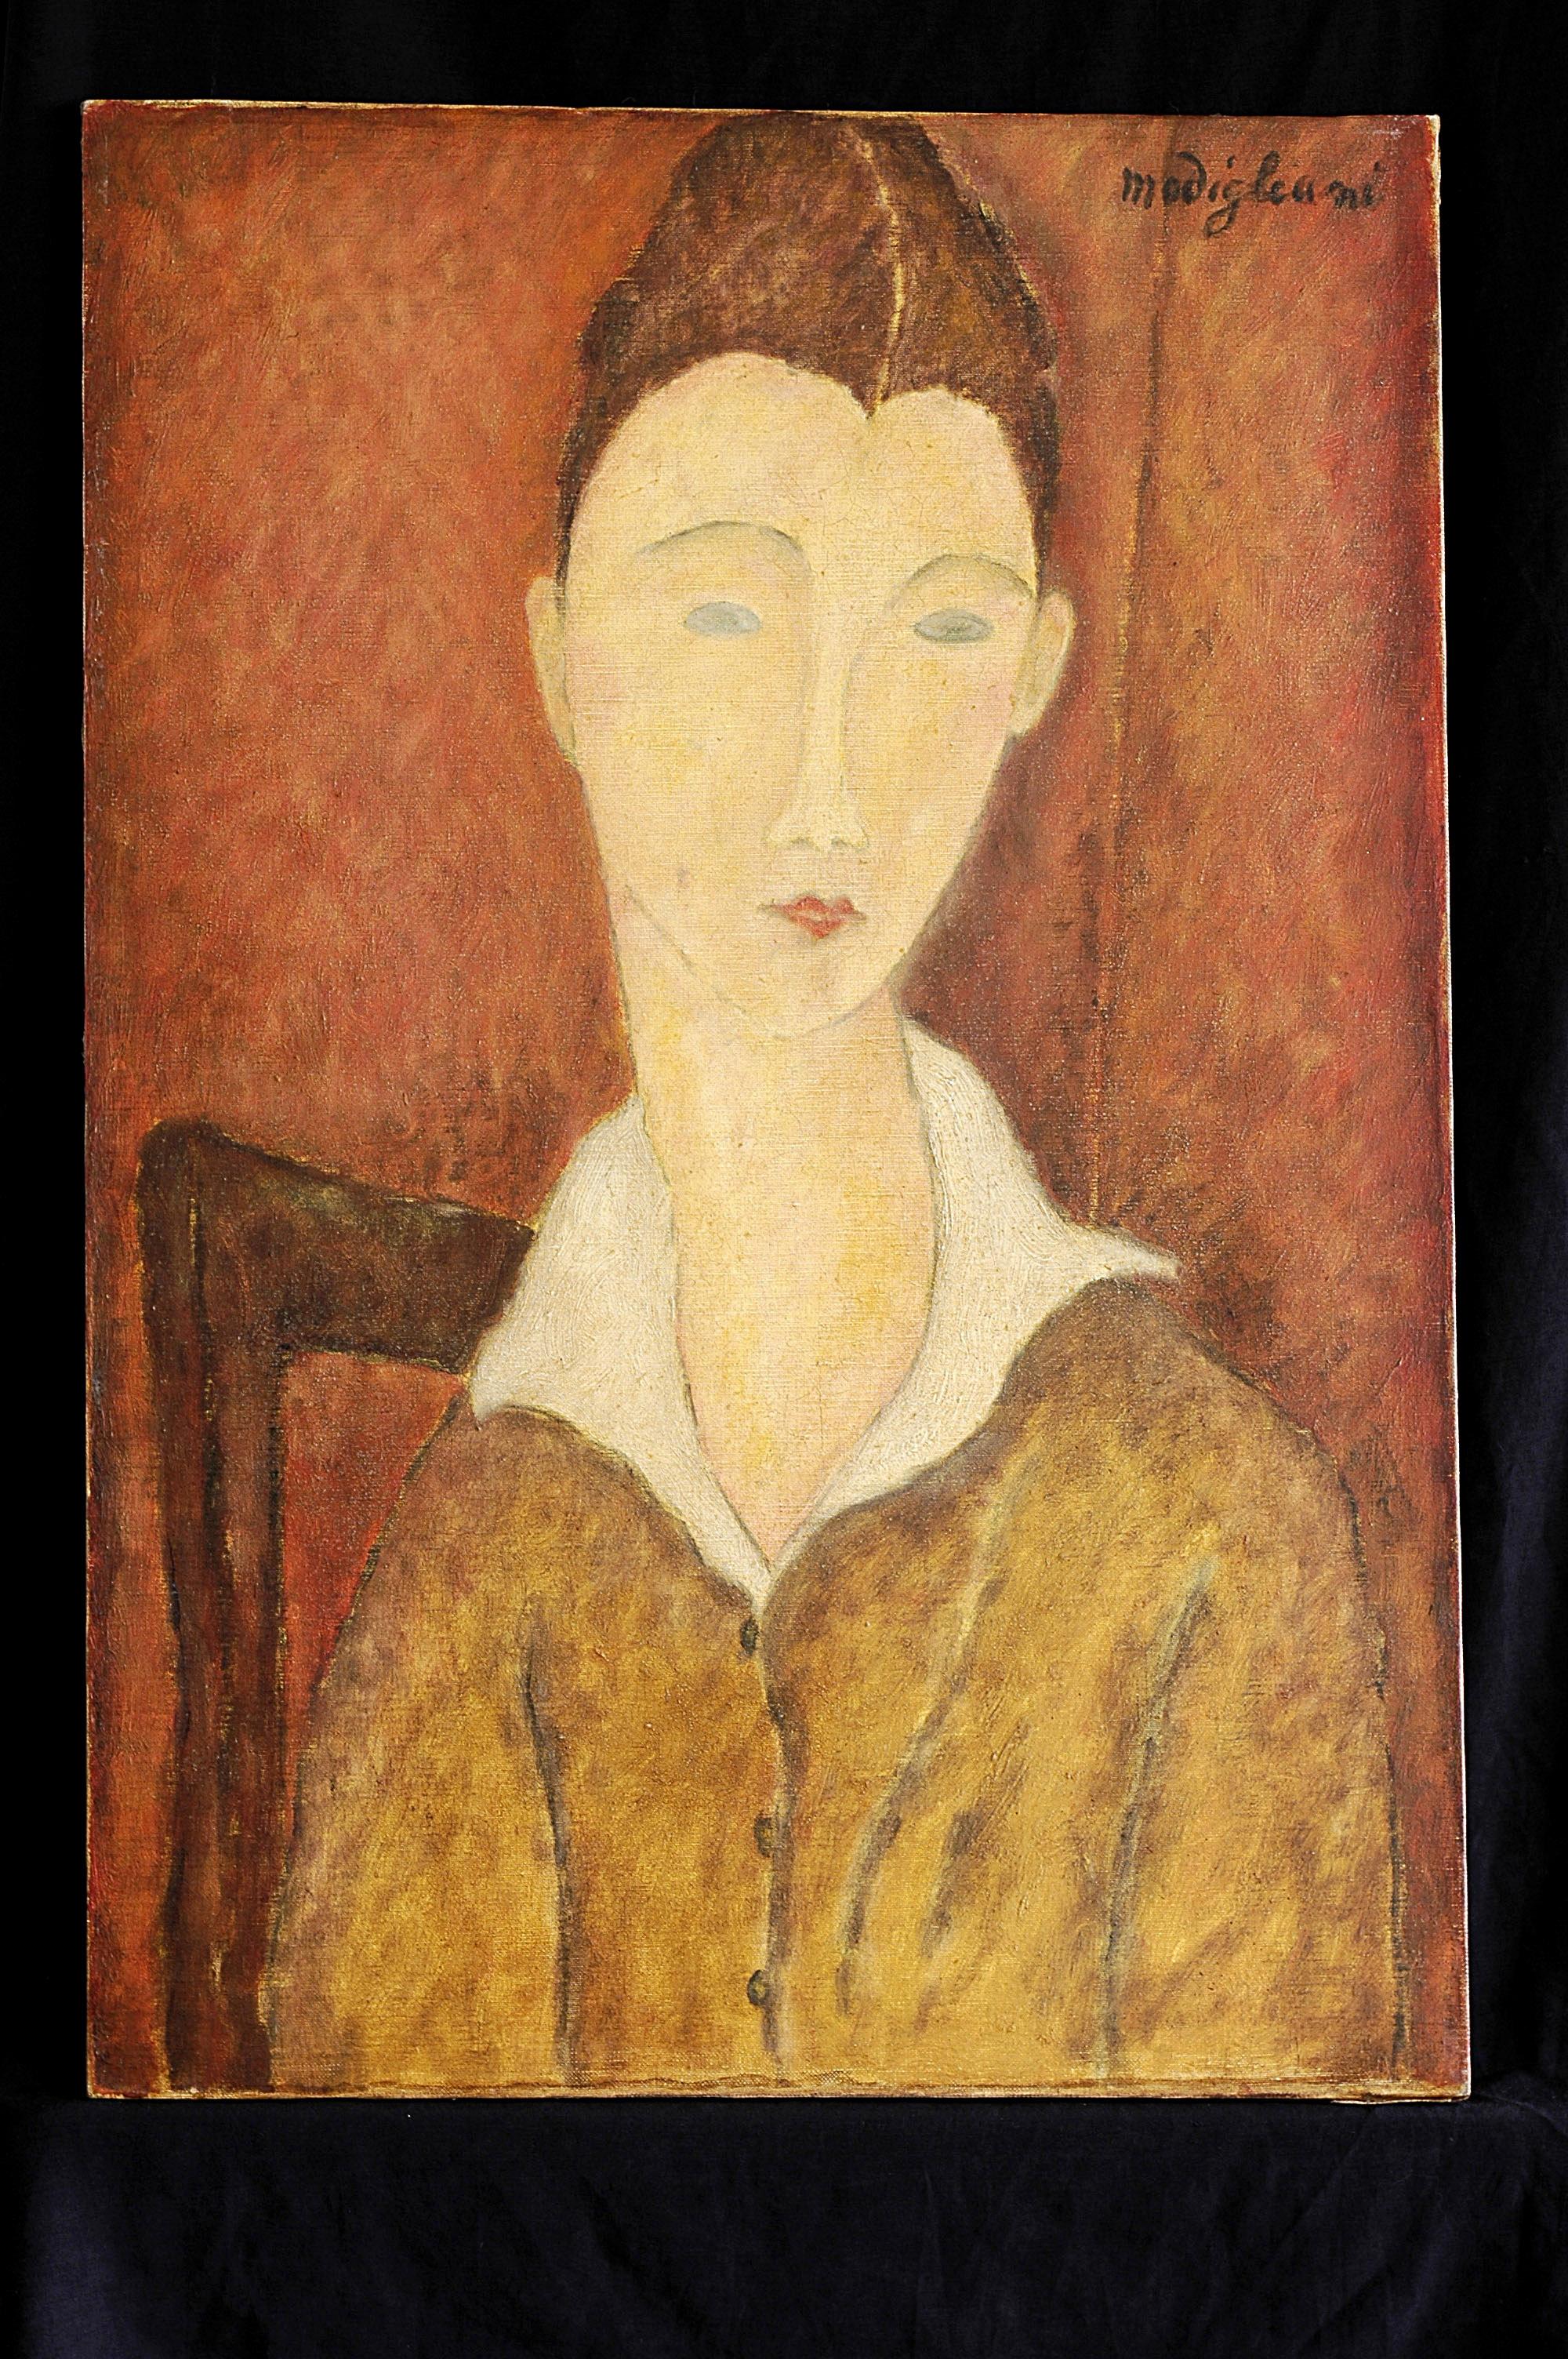 Modigliani Jeune femme a la guimpe blanche